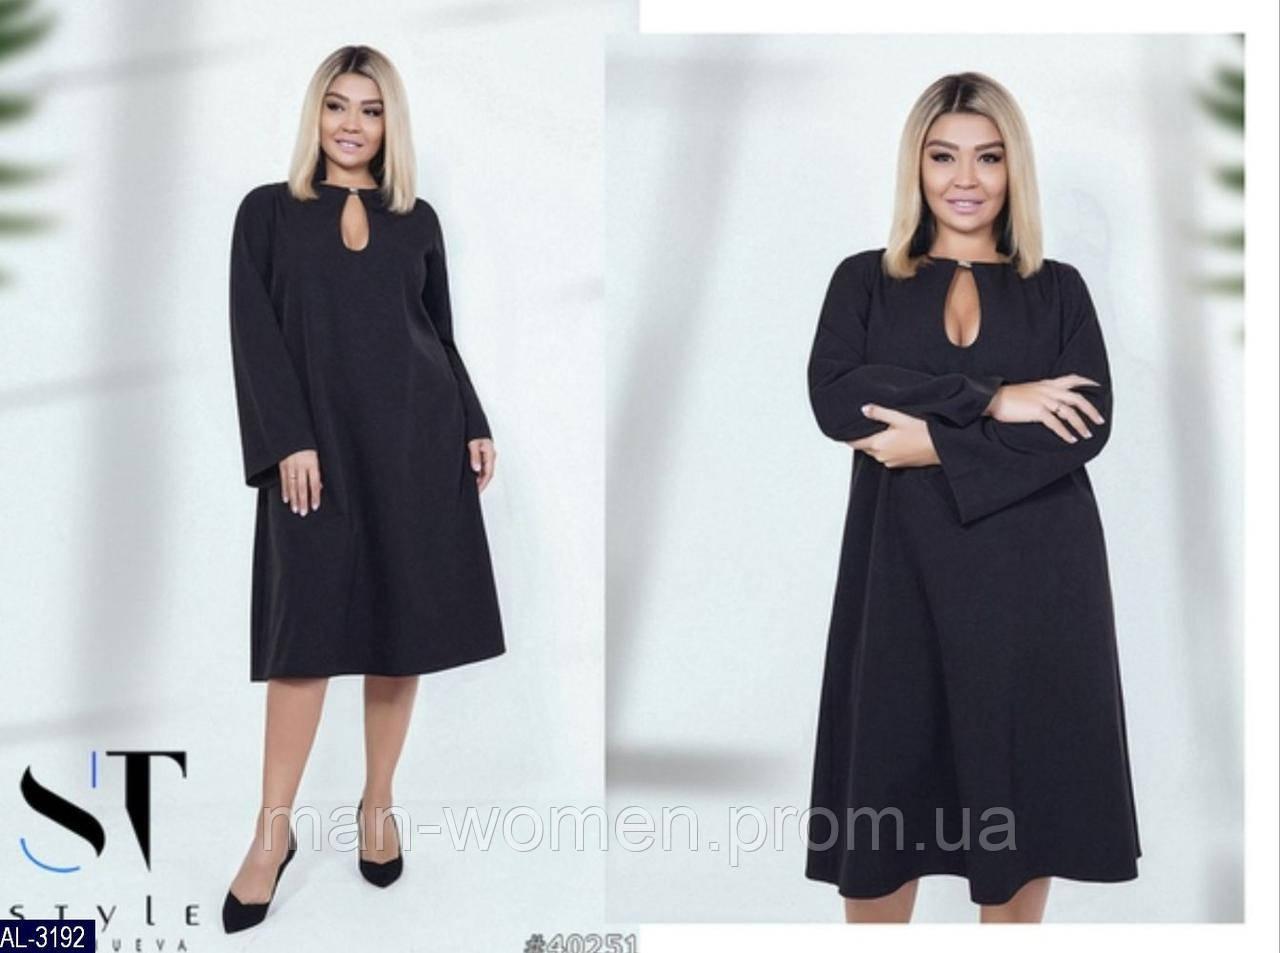 Платье AL-3192